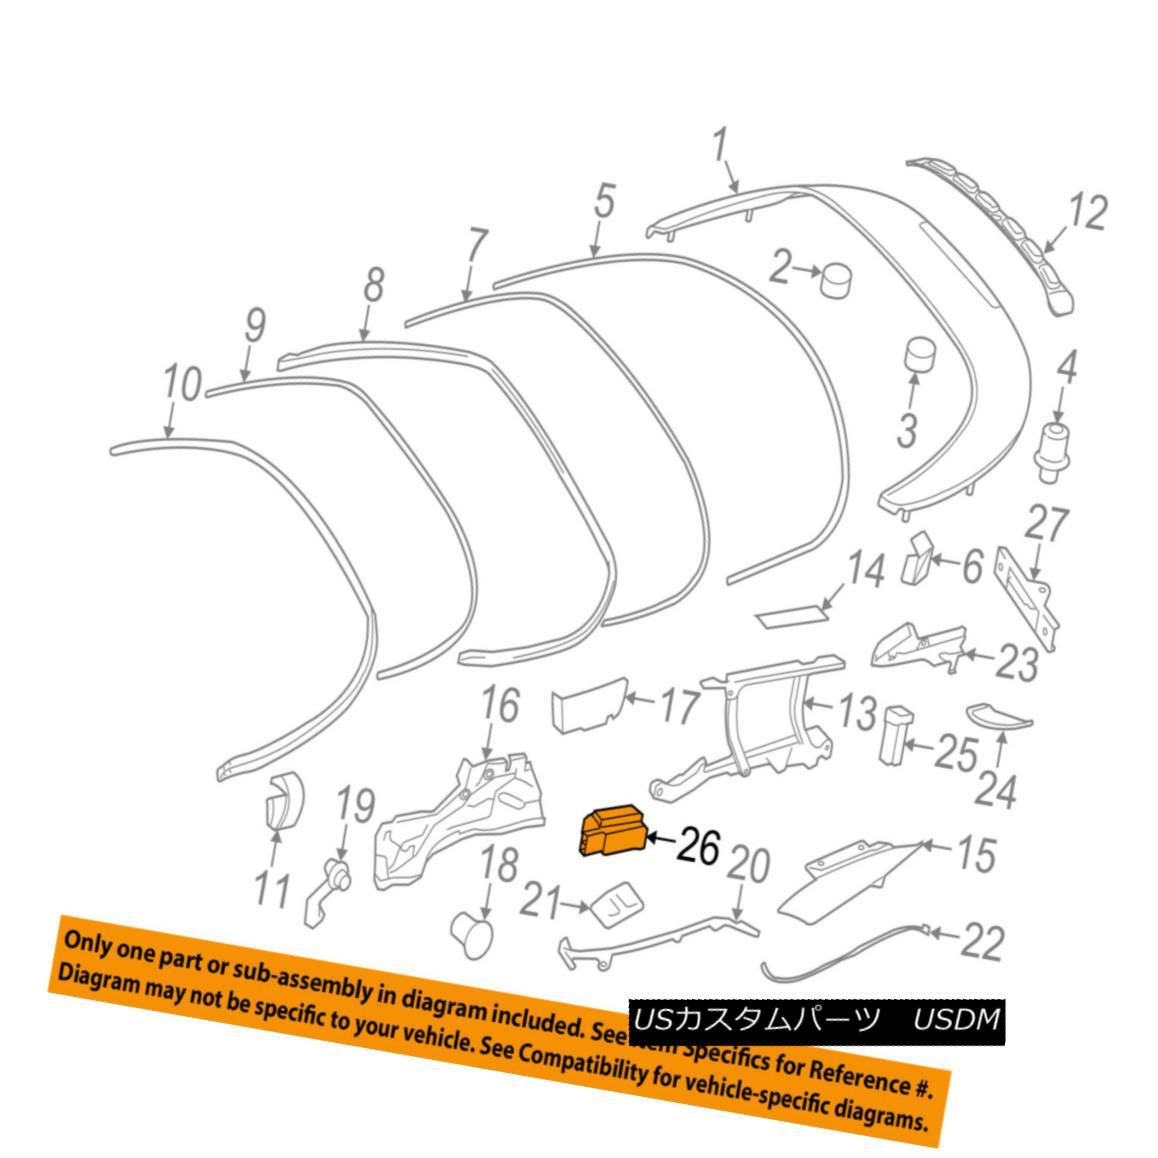 幌・ソフトトップ PORSCHE OEM 08-13 911 Convertible/soft Top-Stop 99756180102 PORSCHE OEM 08-13 911変換可能/ so ftトップストップ99756180102